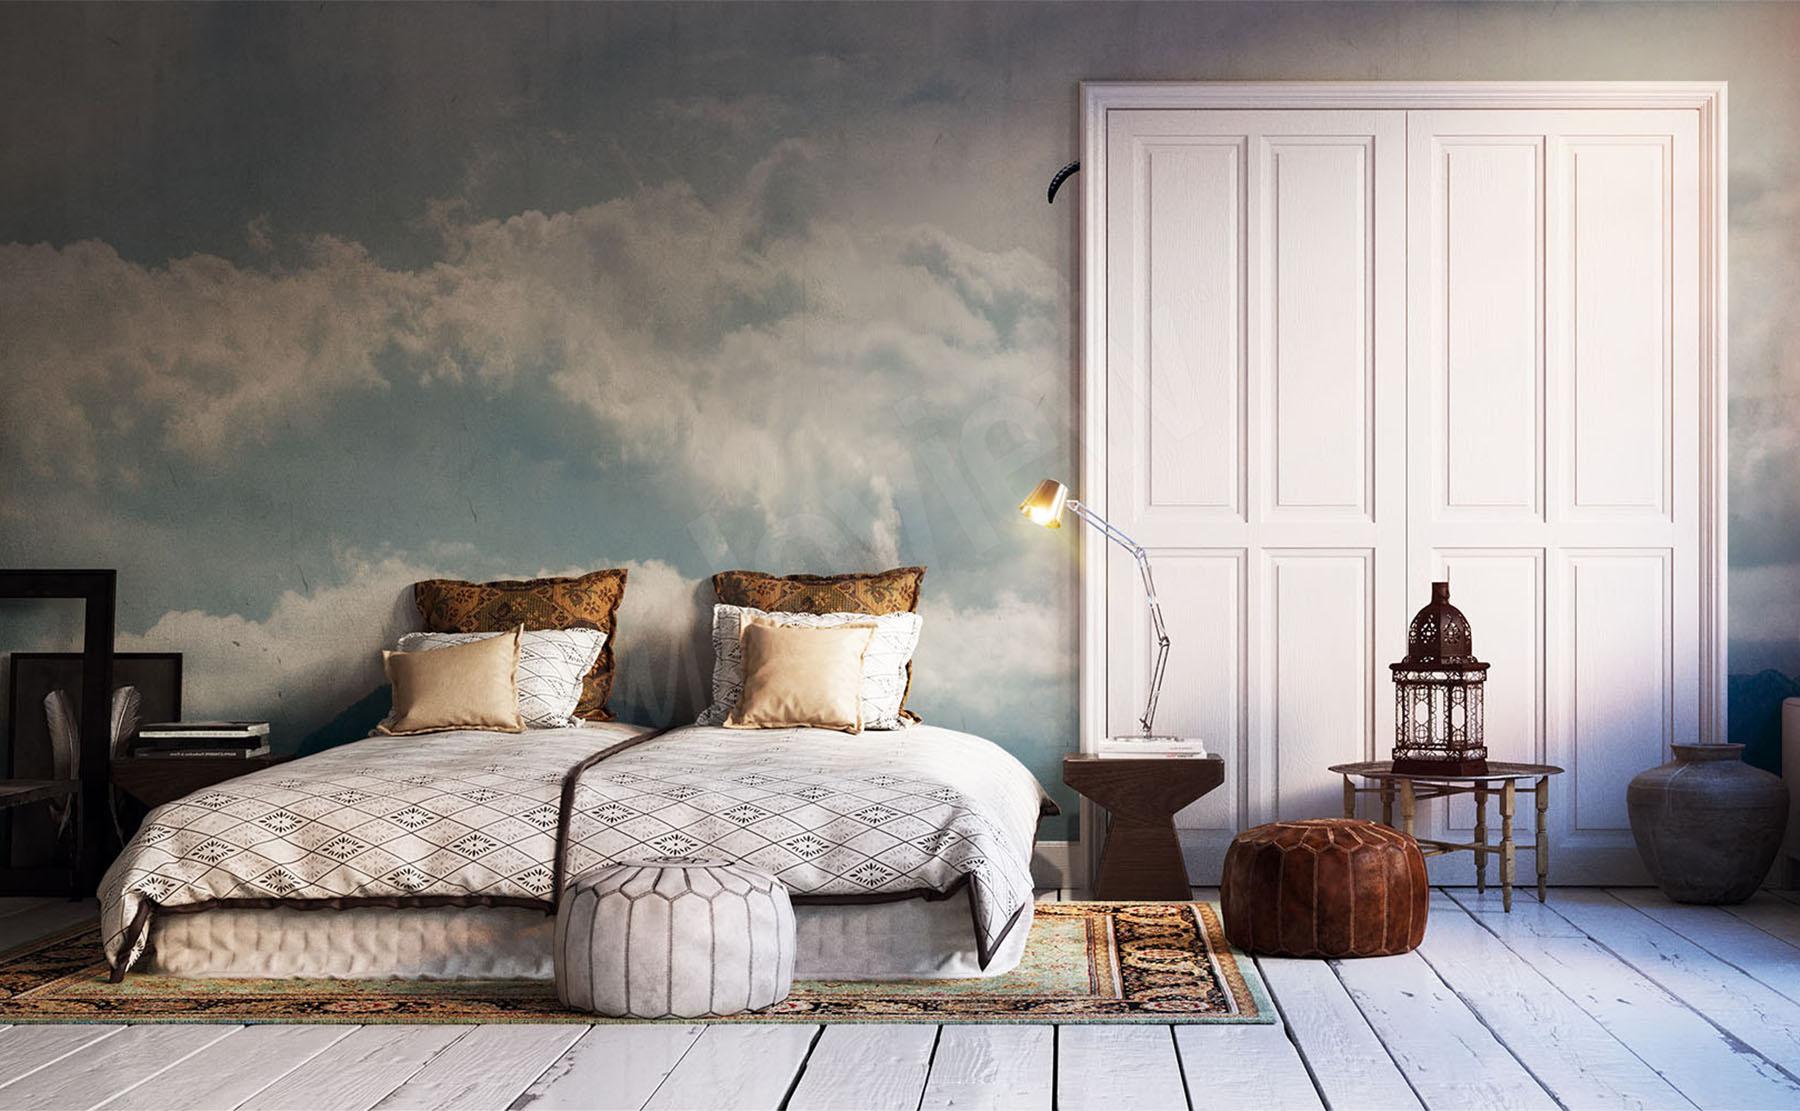 fototapete schlafzimmer rosa schlafzimmer lampe klein komplett berlin set liegefl che 140x200. Black Bedroom Furniture Sets. Home Design Ideas